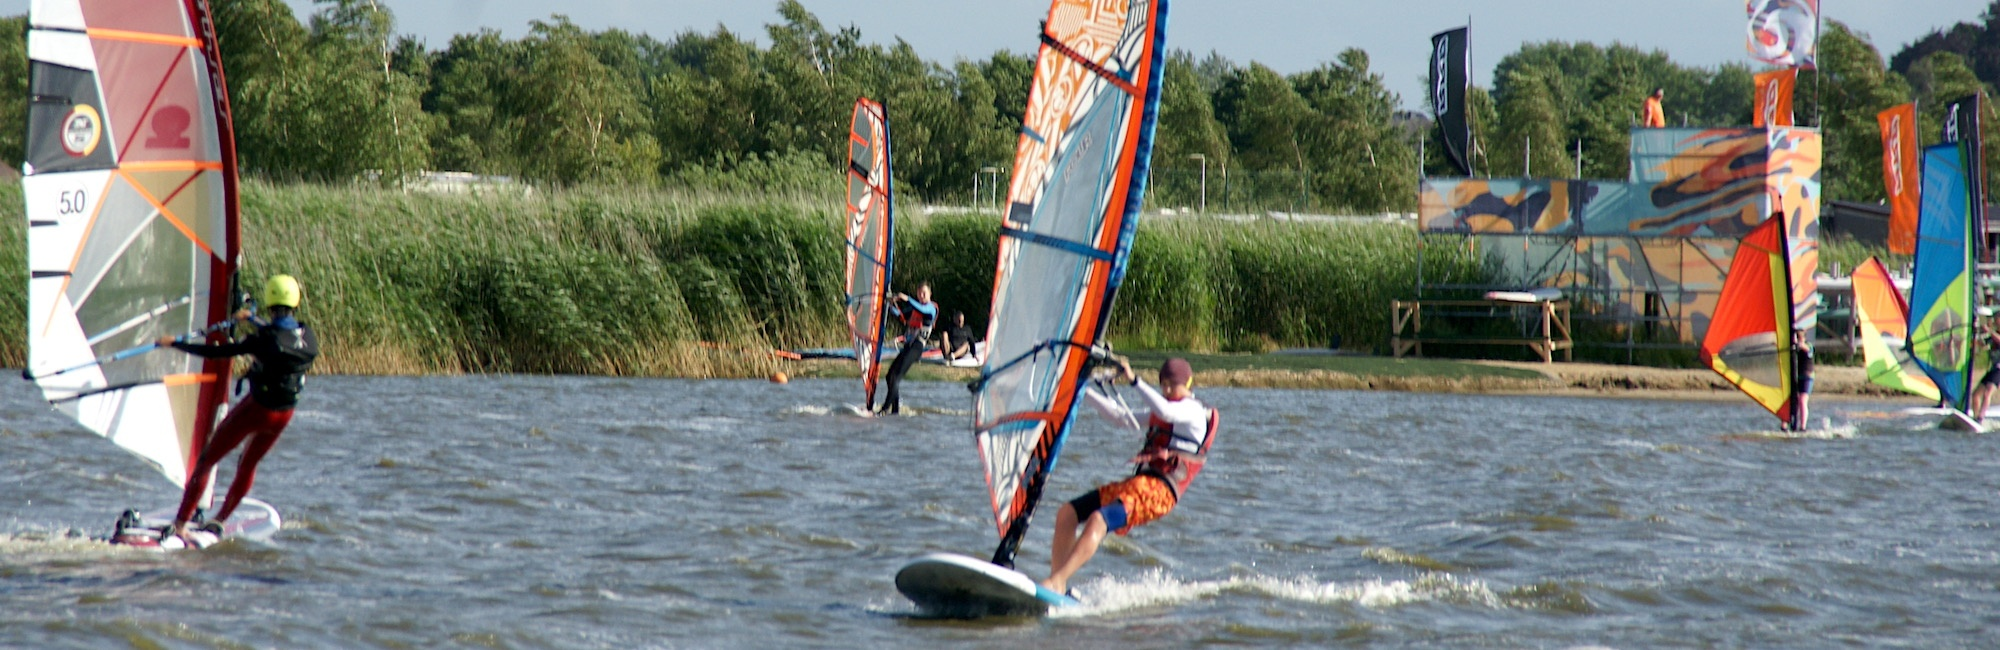 obóz windsurfingowy